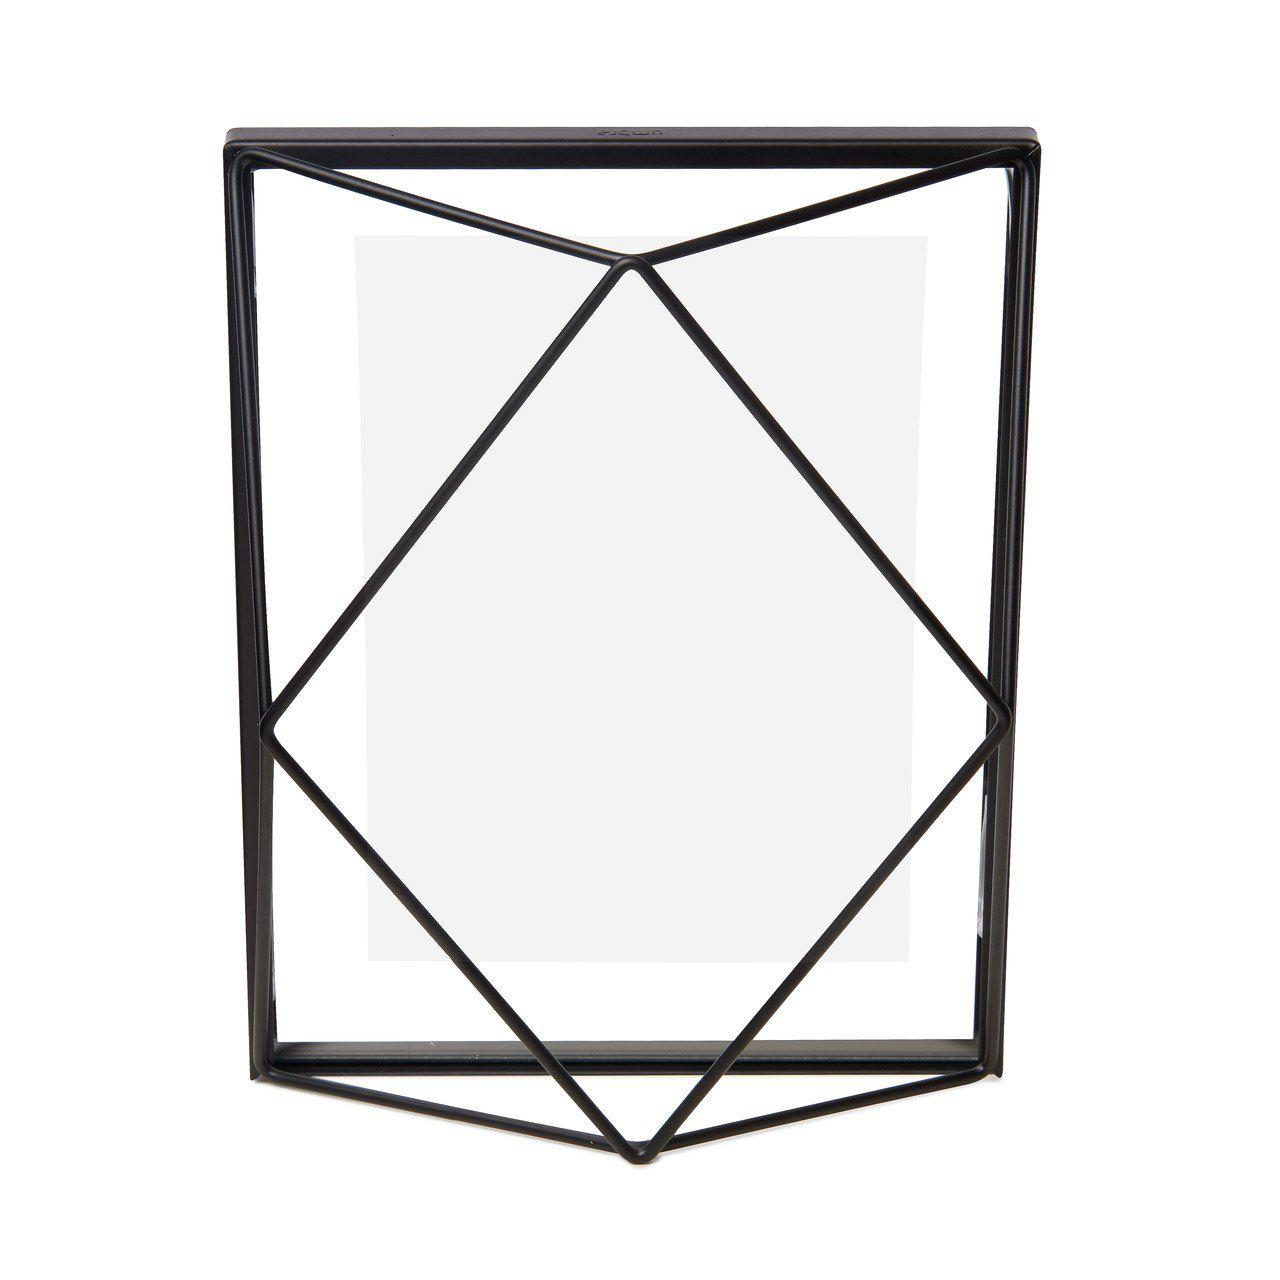 Porta-retratos Prisma Preto 10x15cm - Umbra